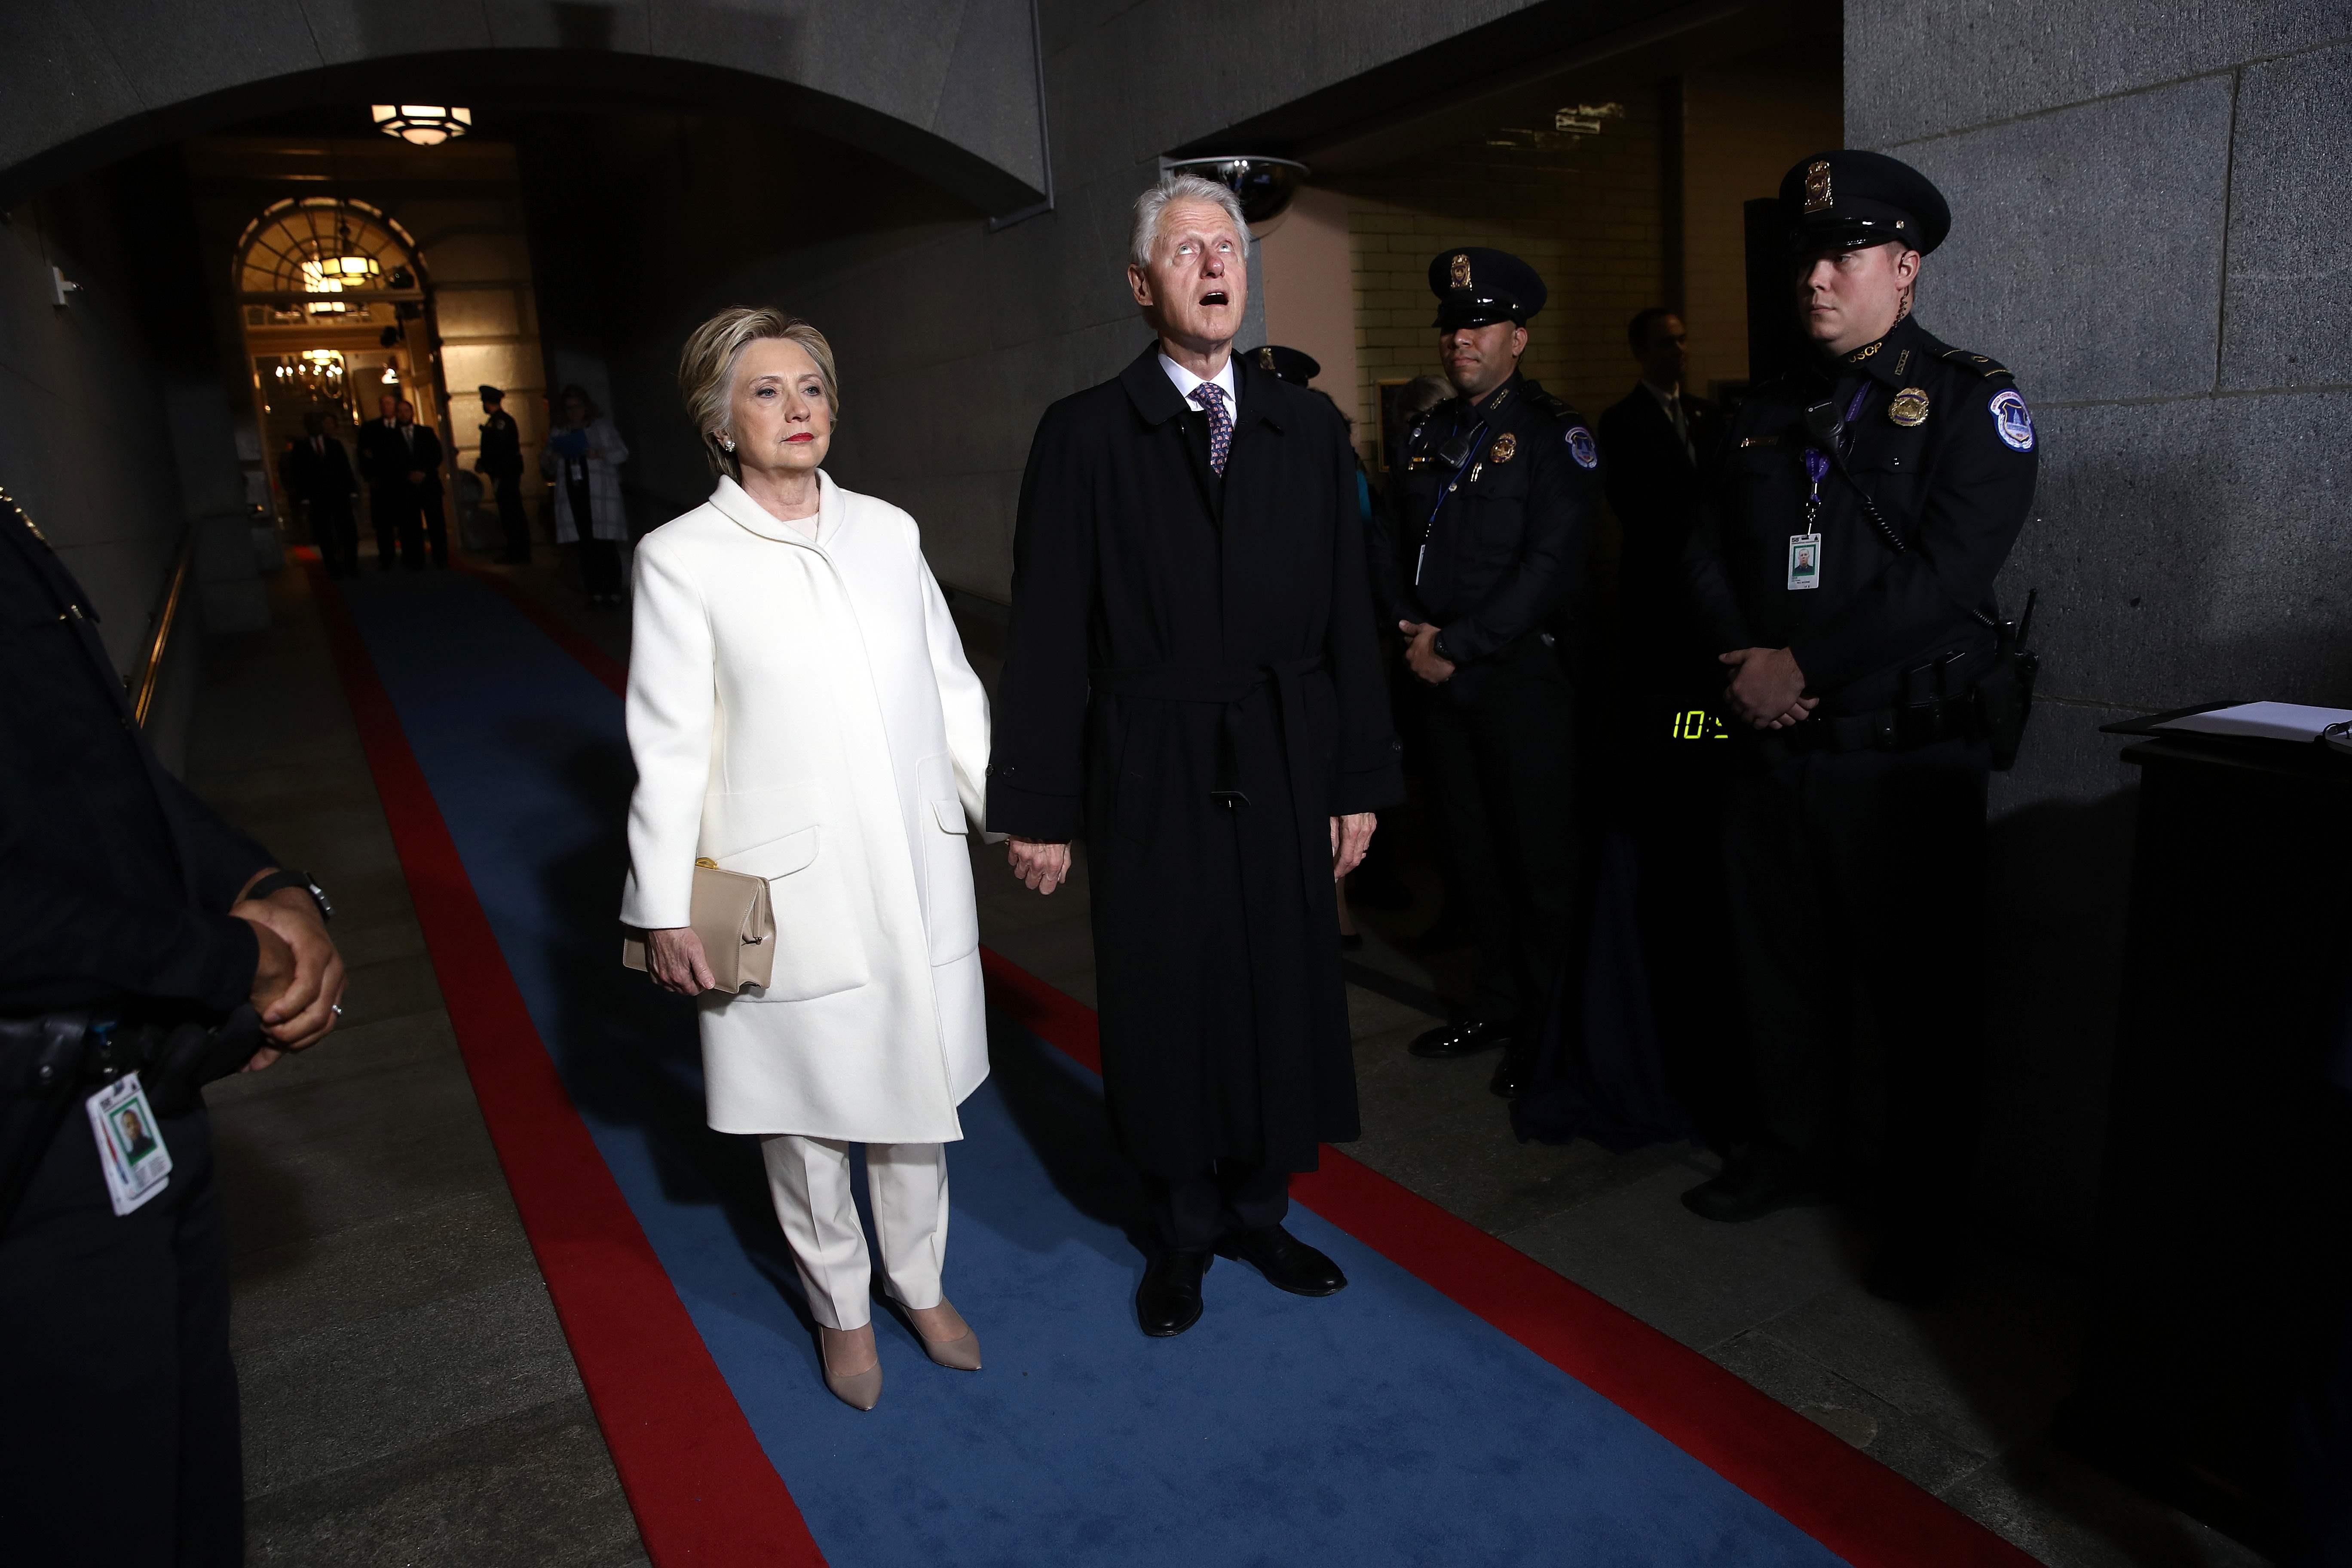 بيل وهيلارى كلينتون لدى وصولهما قاعة الكابيتول